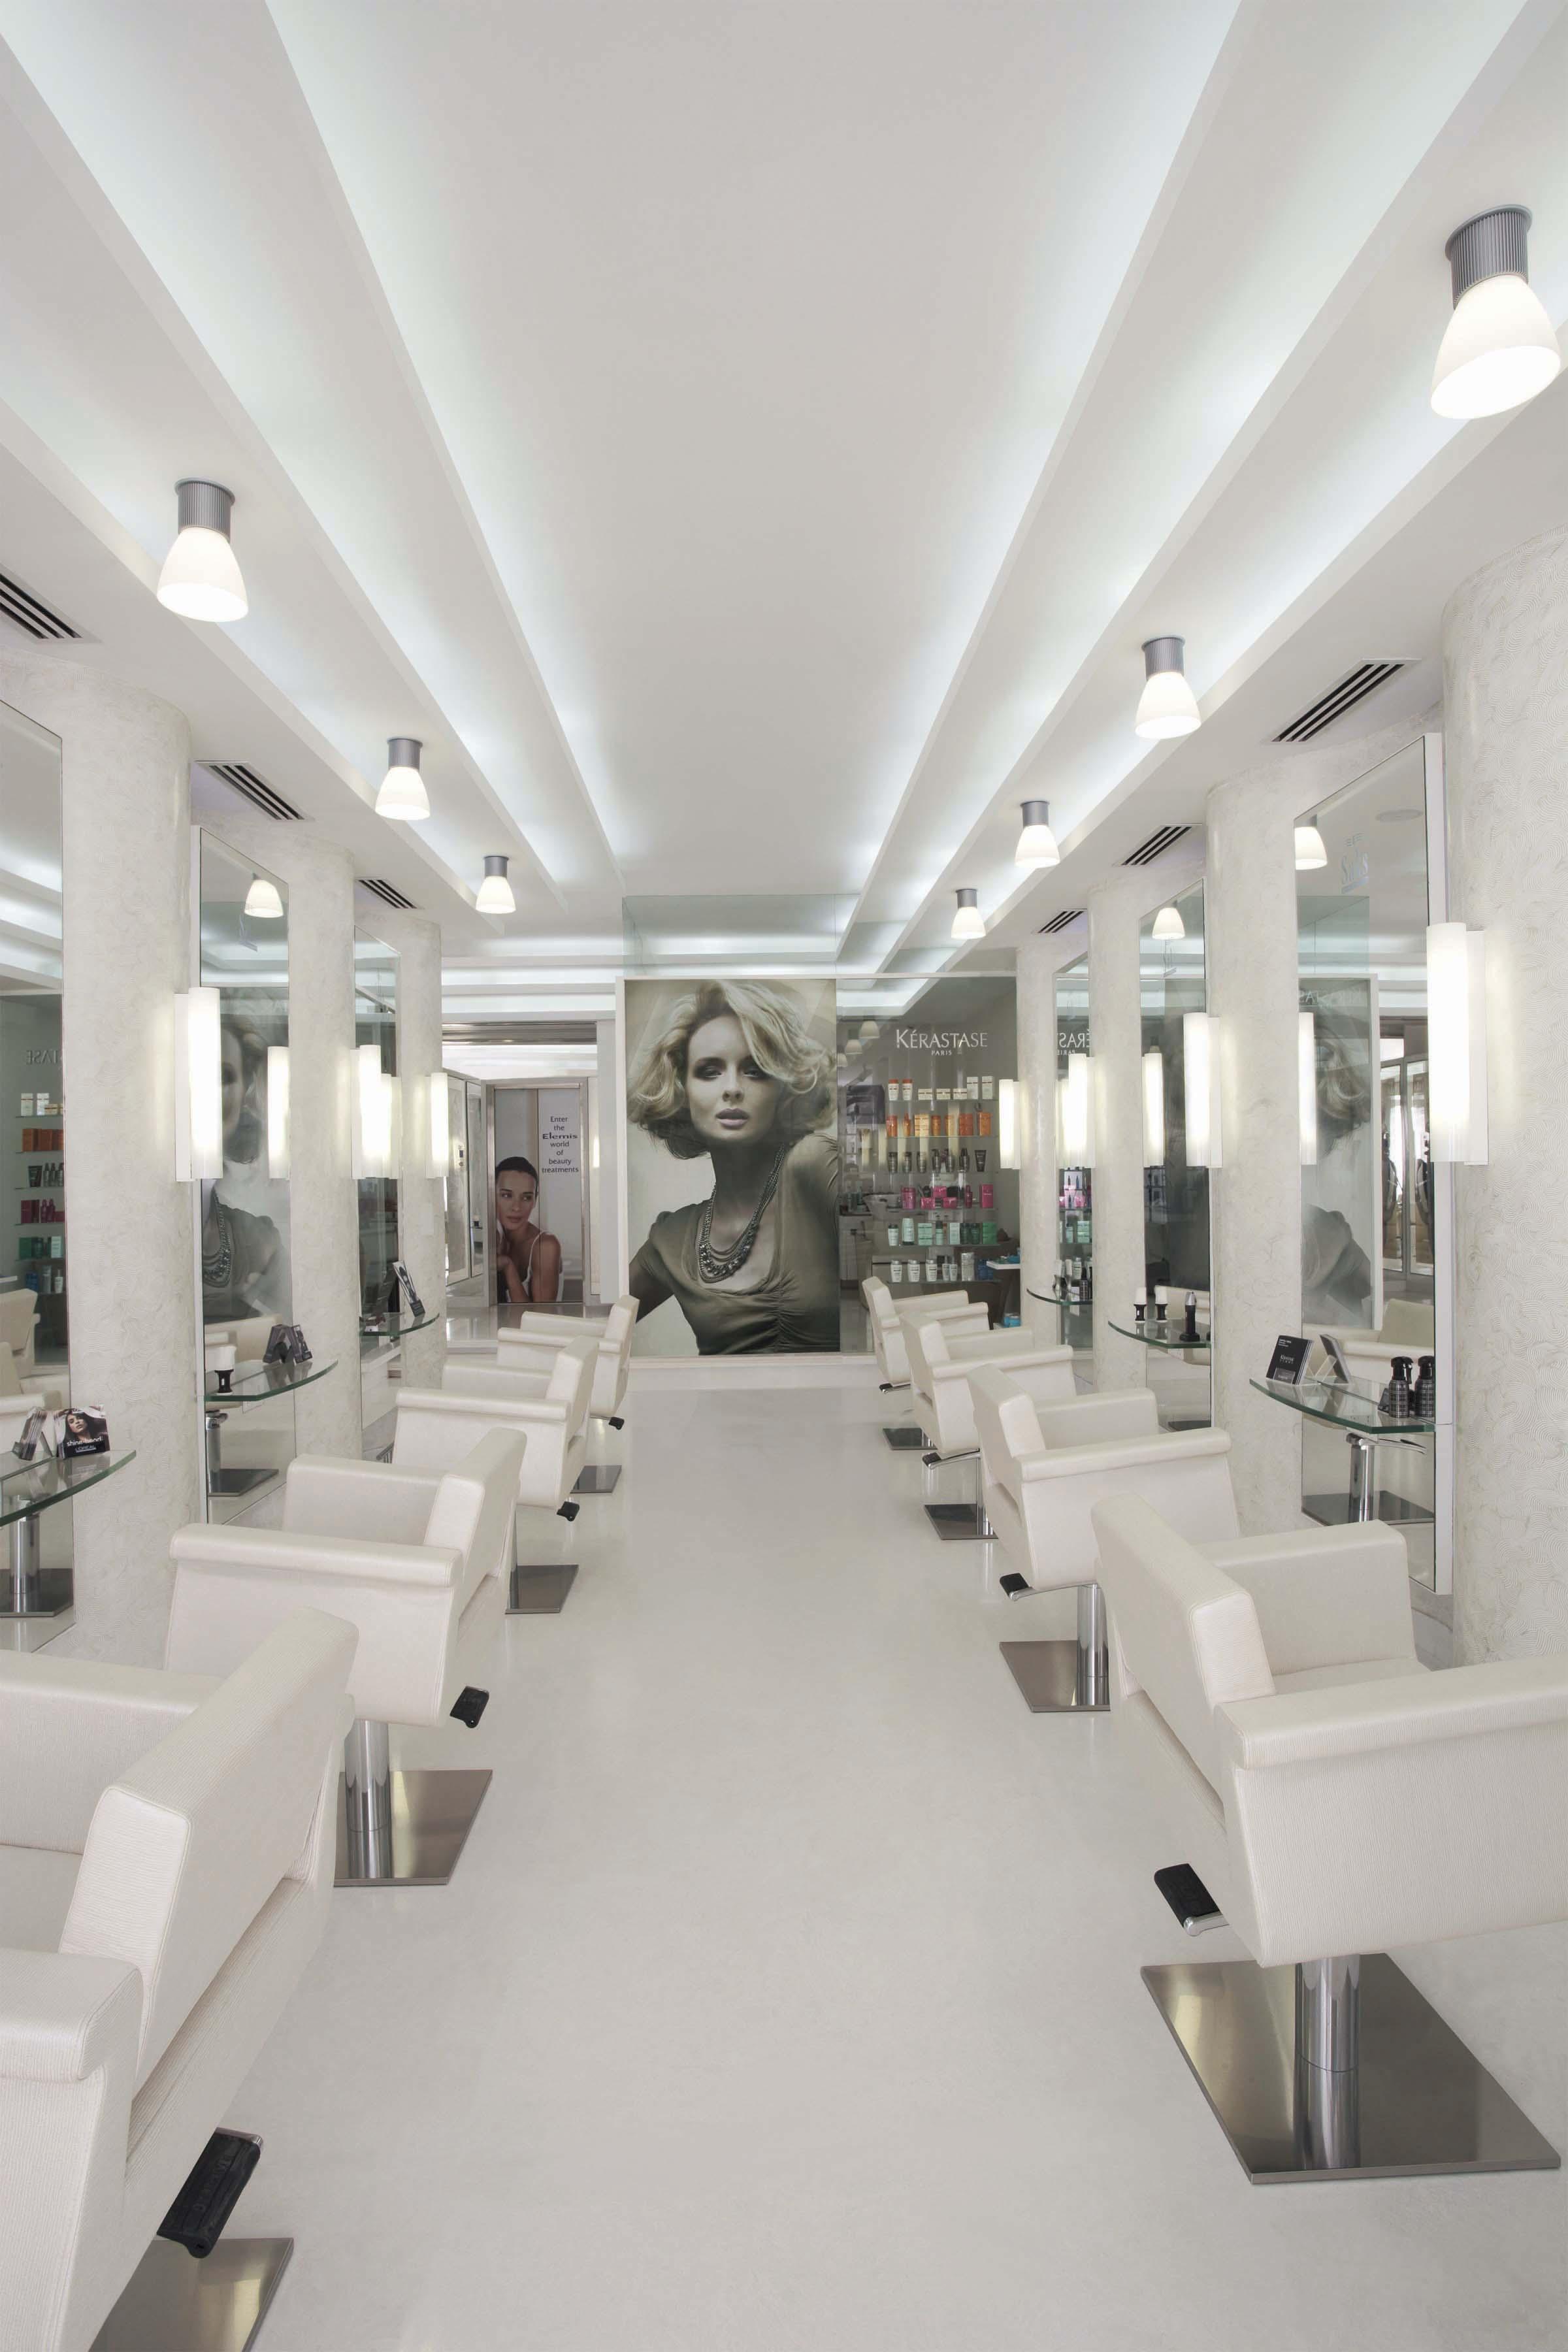 Saks london to open third salon in mumbai at kemps corner for Salons in mumbai